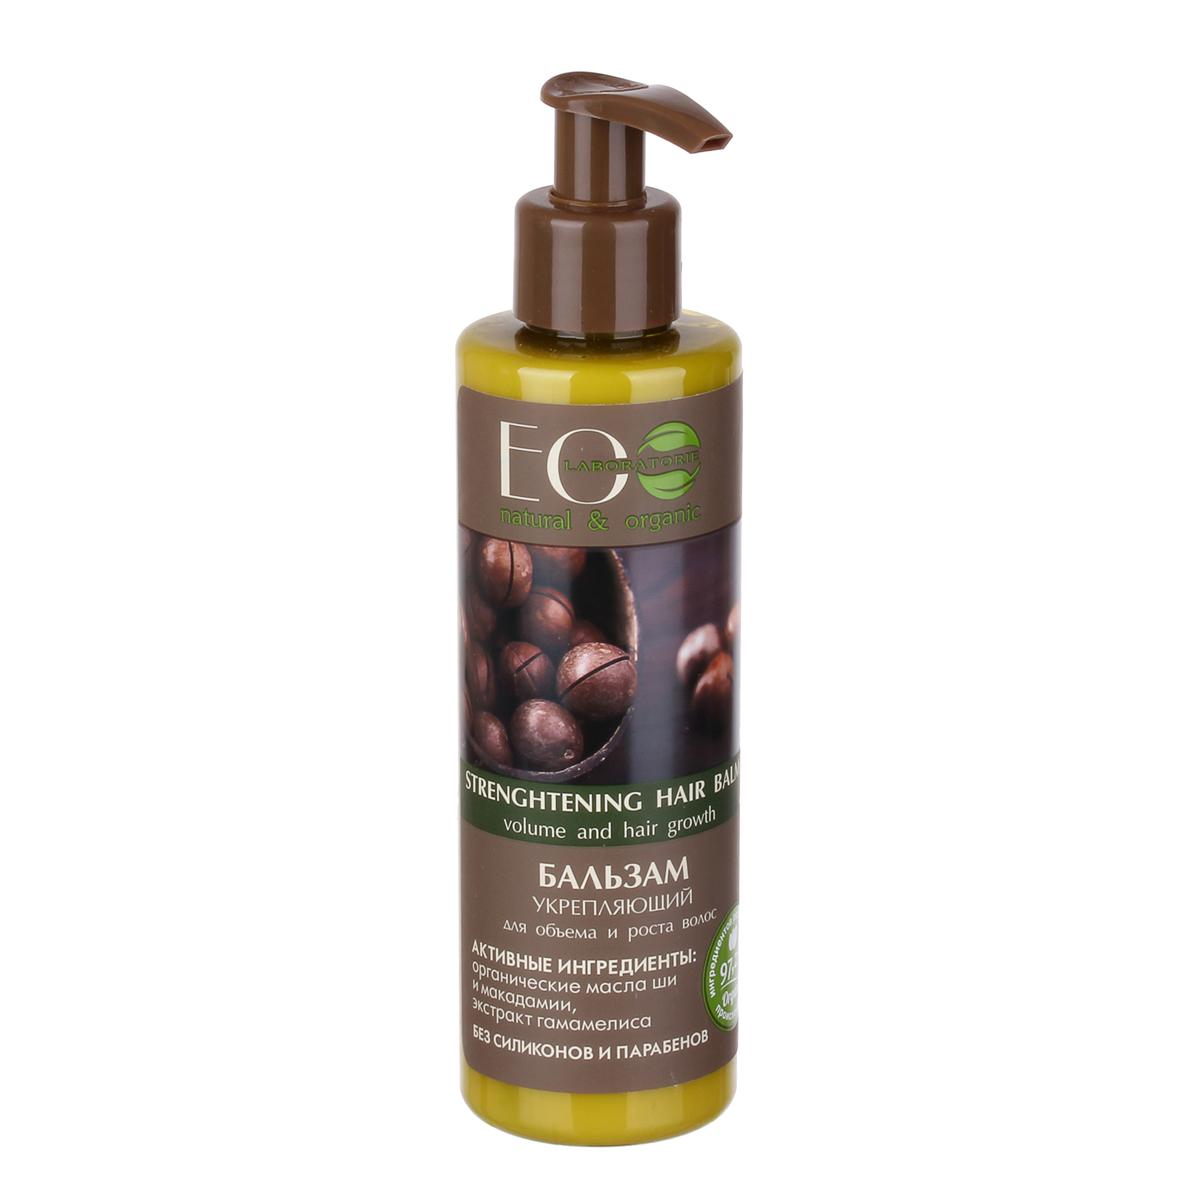 EcoLab ЭкоЛаб Бальзам Укрепляющий 200 млMP59.4DИнтенсивно ухаживает за волосами, разглаживает их по всей длине, возвращает природную красоту и здоровый блеск. Активизирует обменные процессы в клетках кожи головы, укрепляет от корней до кончиков, способствует росту новых волос. Активные ингредиенты: органическое масло макадамии, органический экстракт гамамелиса, органическое масло ши.